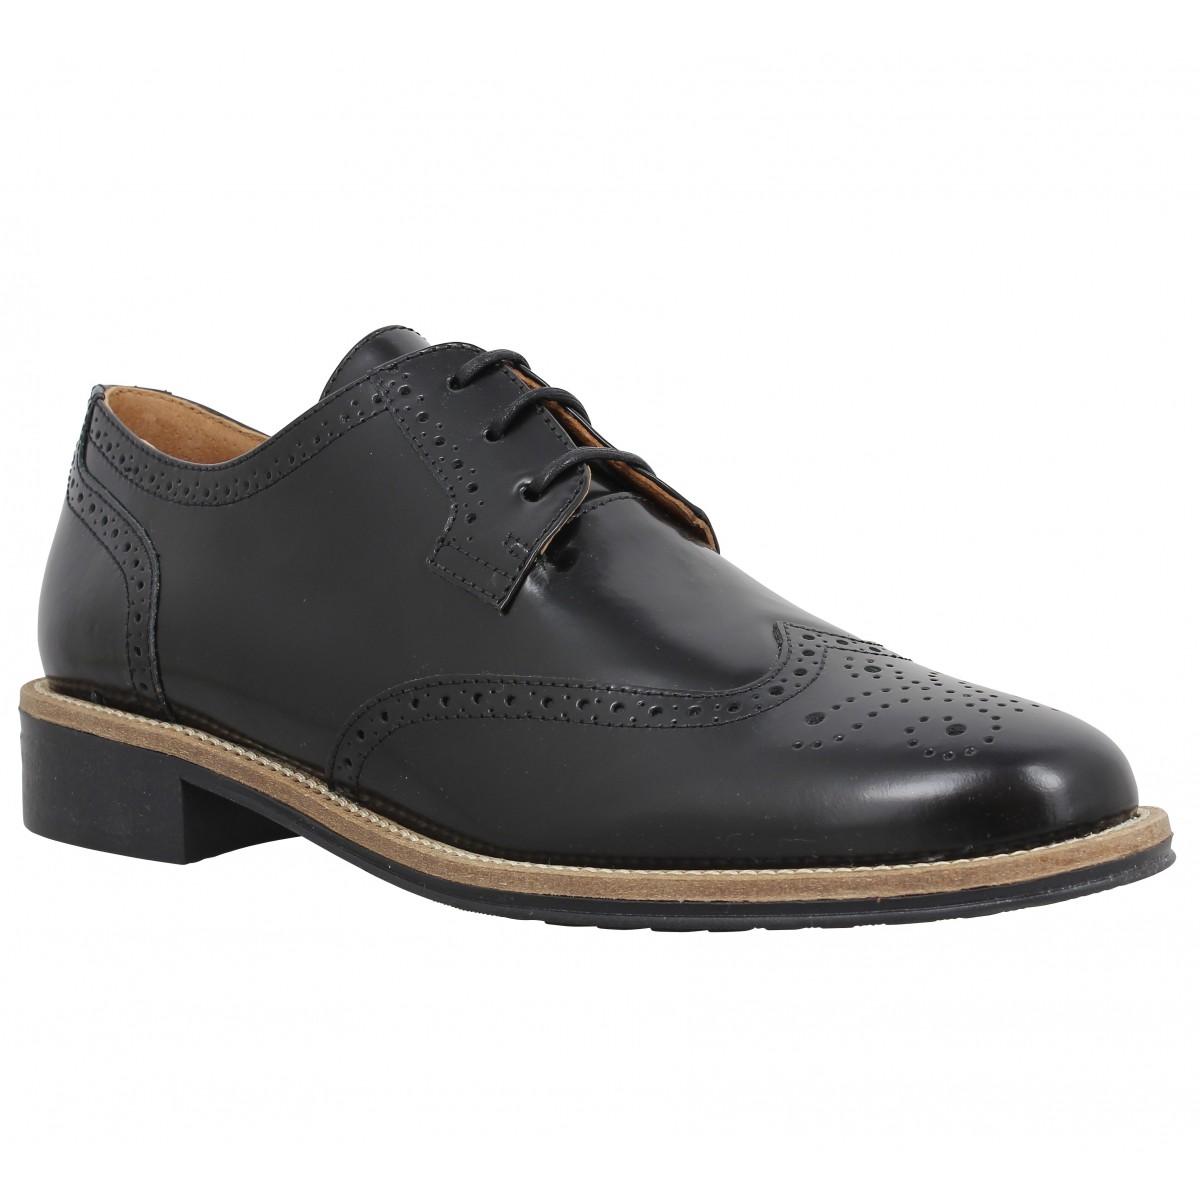 Chaussures à lacets SCHMOOVE Newton Perfo cuir Femme Noir